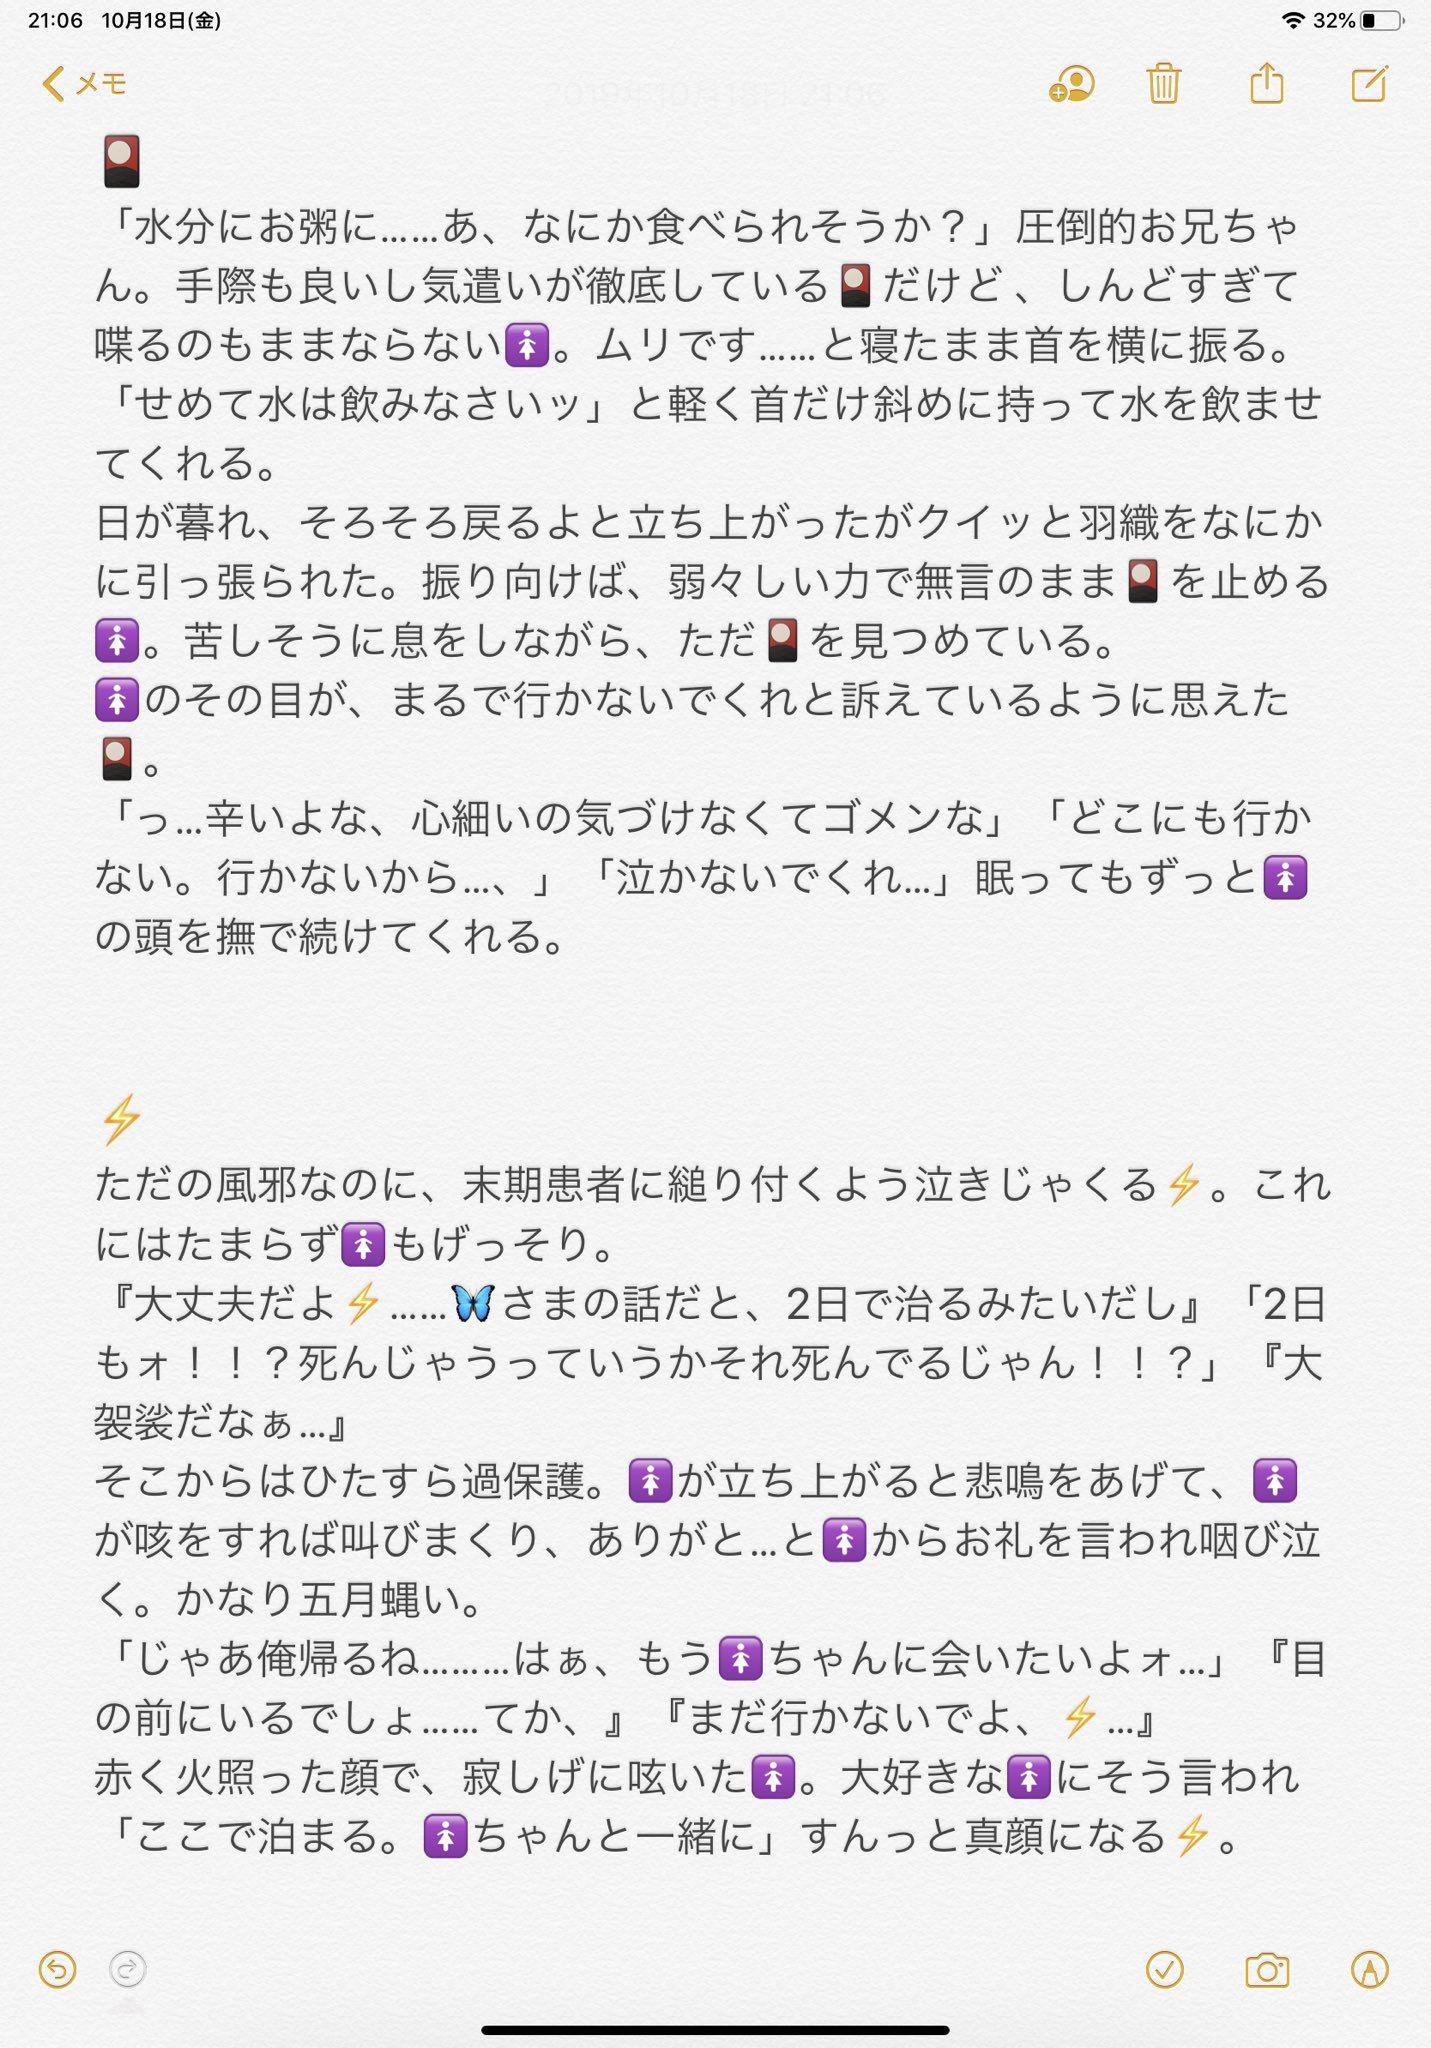 鬼滅の刃 夢小説 炭治郎